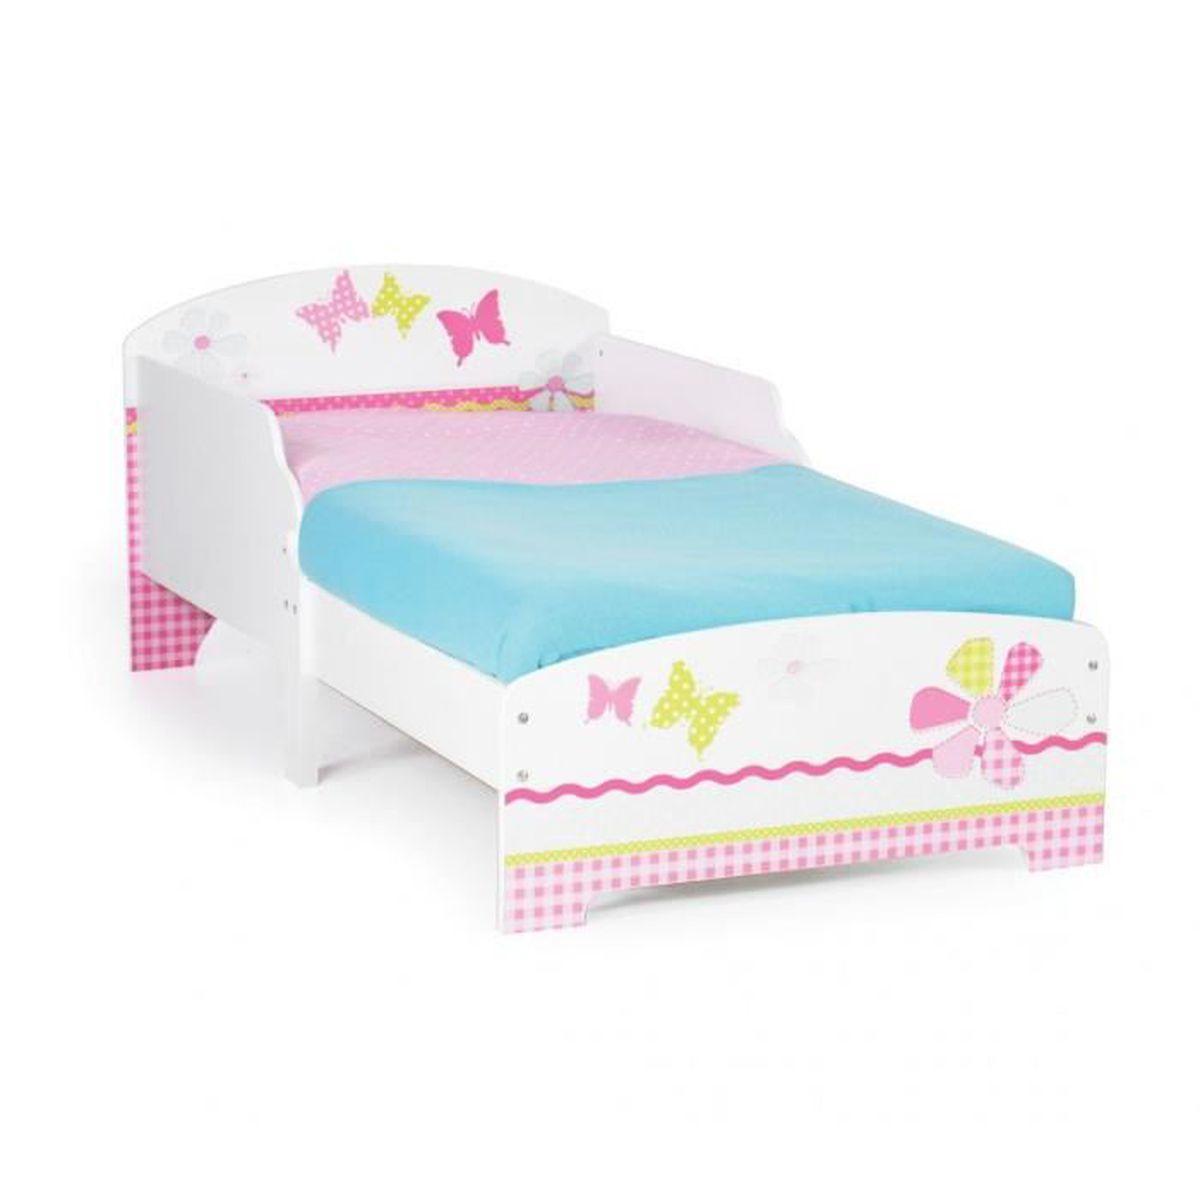 ensemble lit enfant patchwork matelas bruxellois 70x140. Black Bedroom Furniture Sets. Home Design Ideas